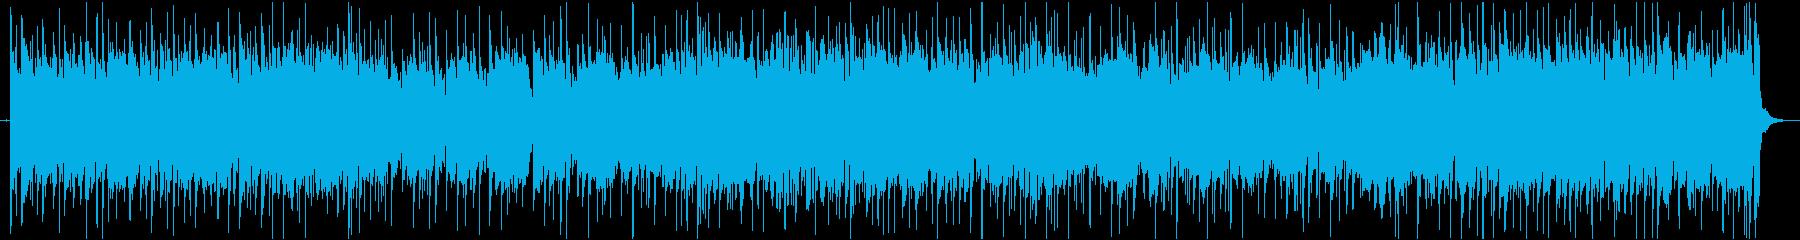 勢いのあるドラムが印象的なポップスの再生済みの波形